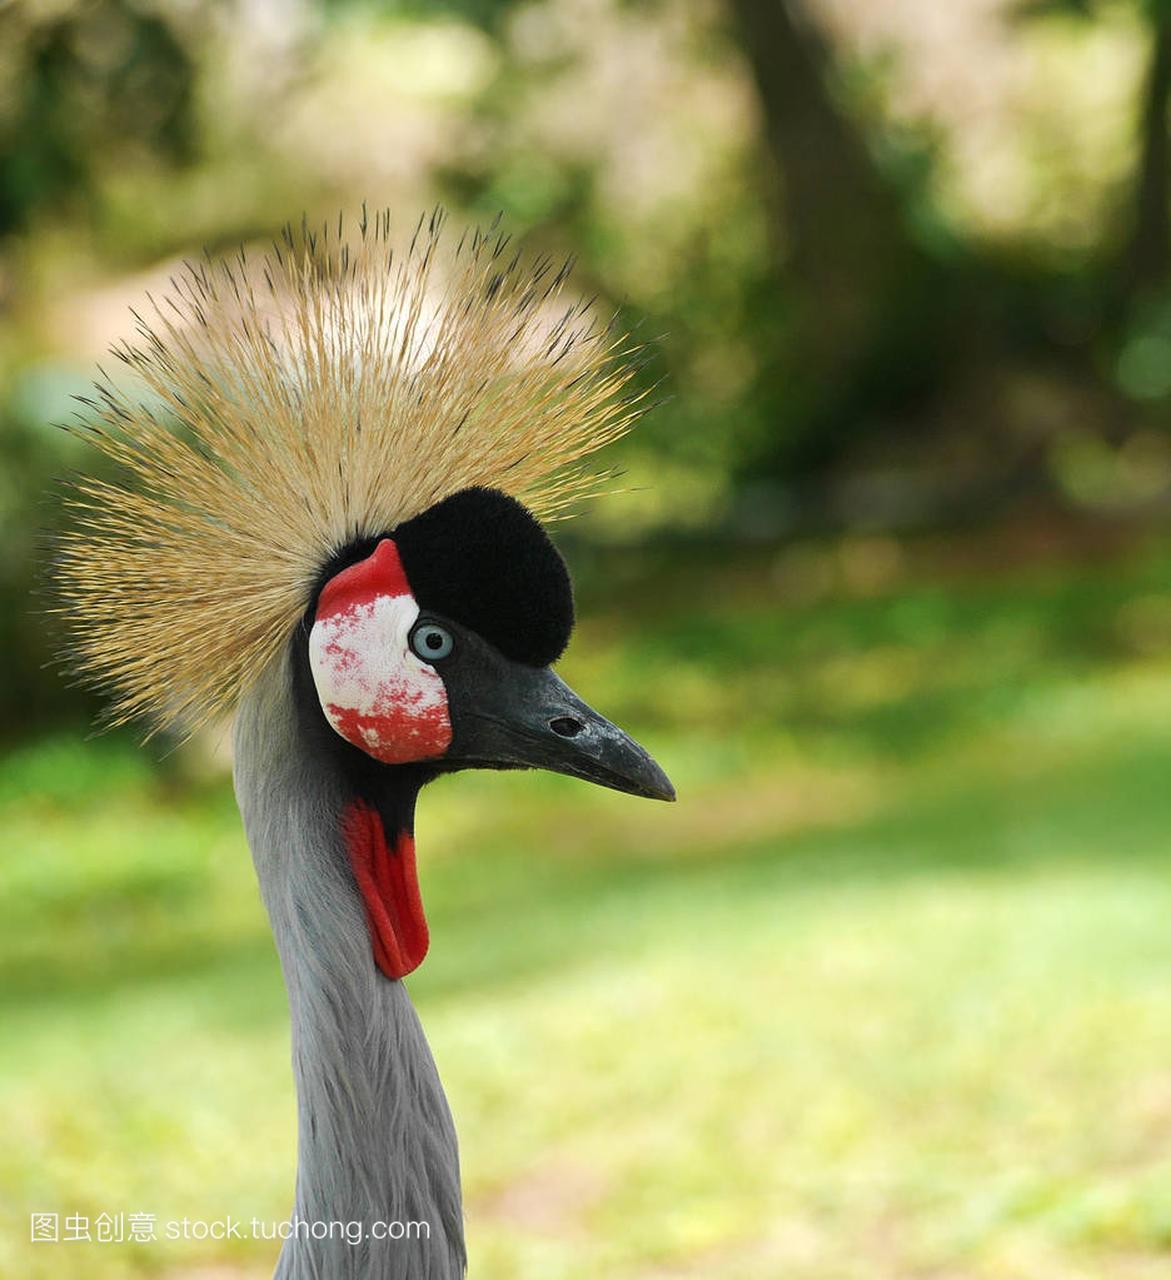 在绿色背景上灰冠鹤 (国鸟 regulorum)